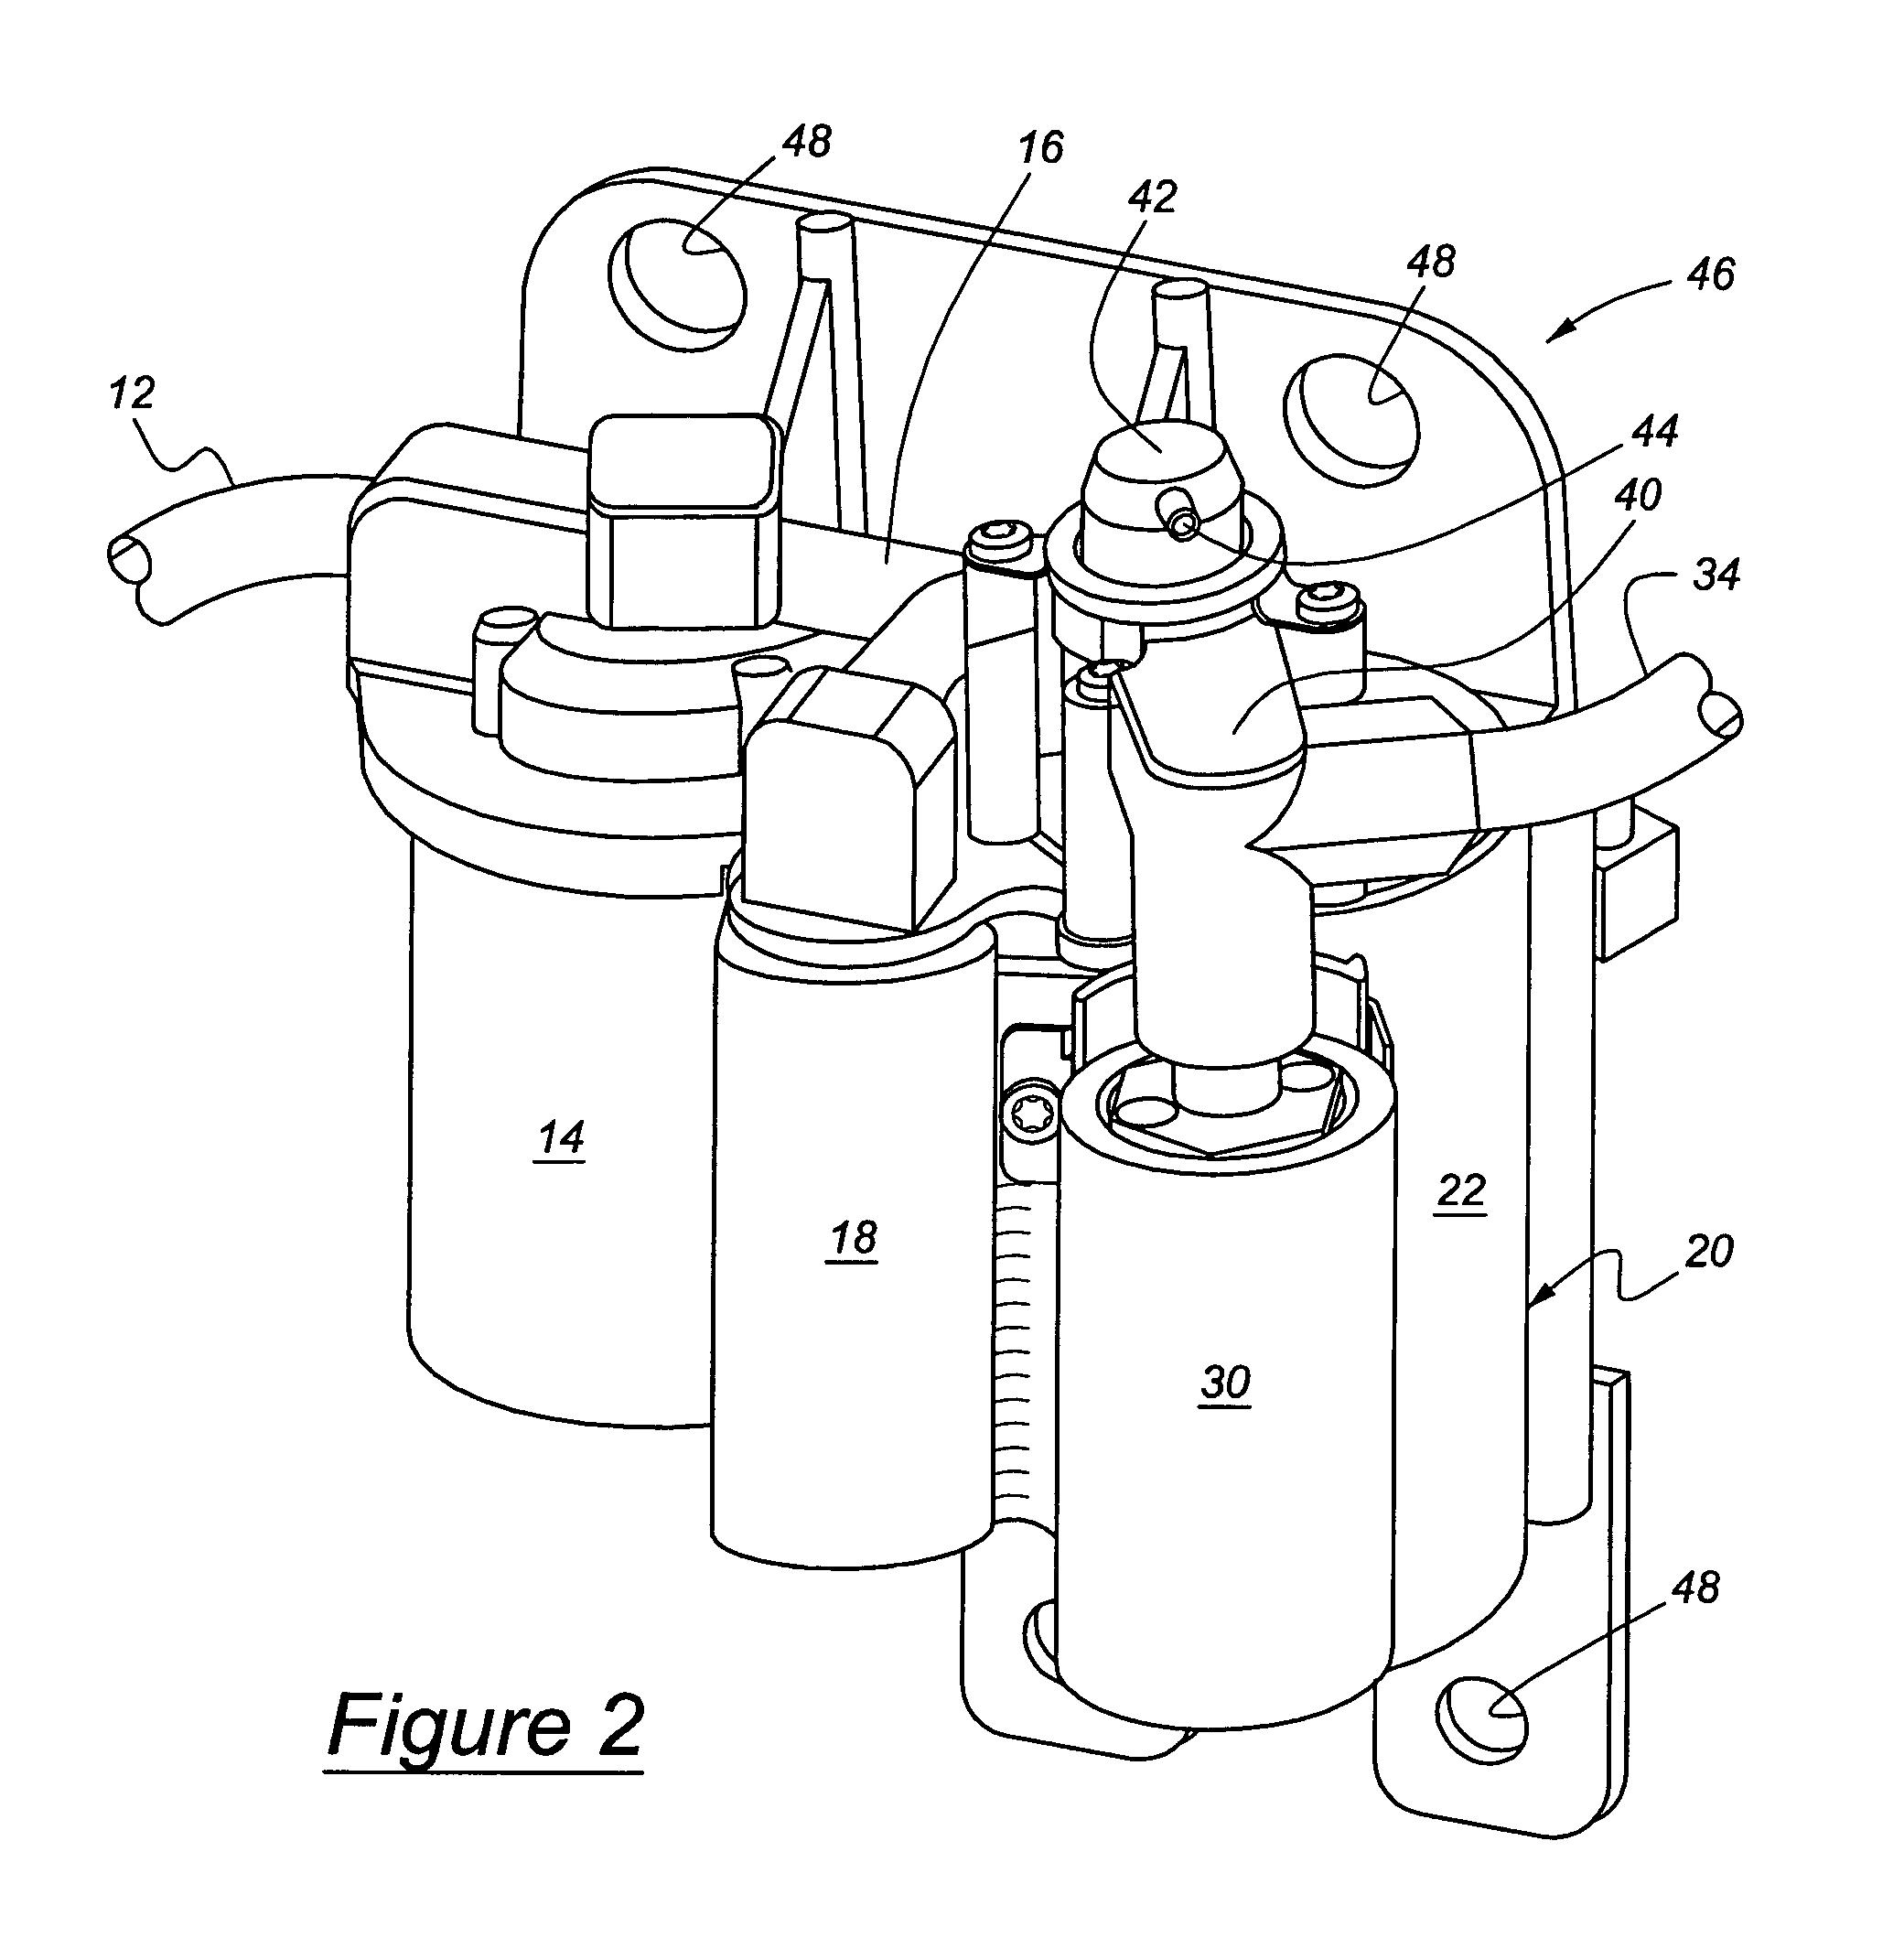 patent us7168414